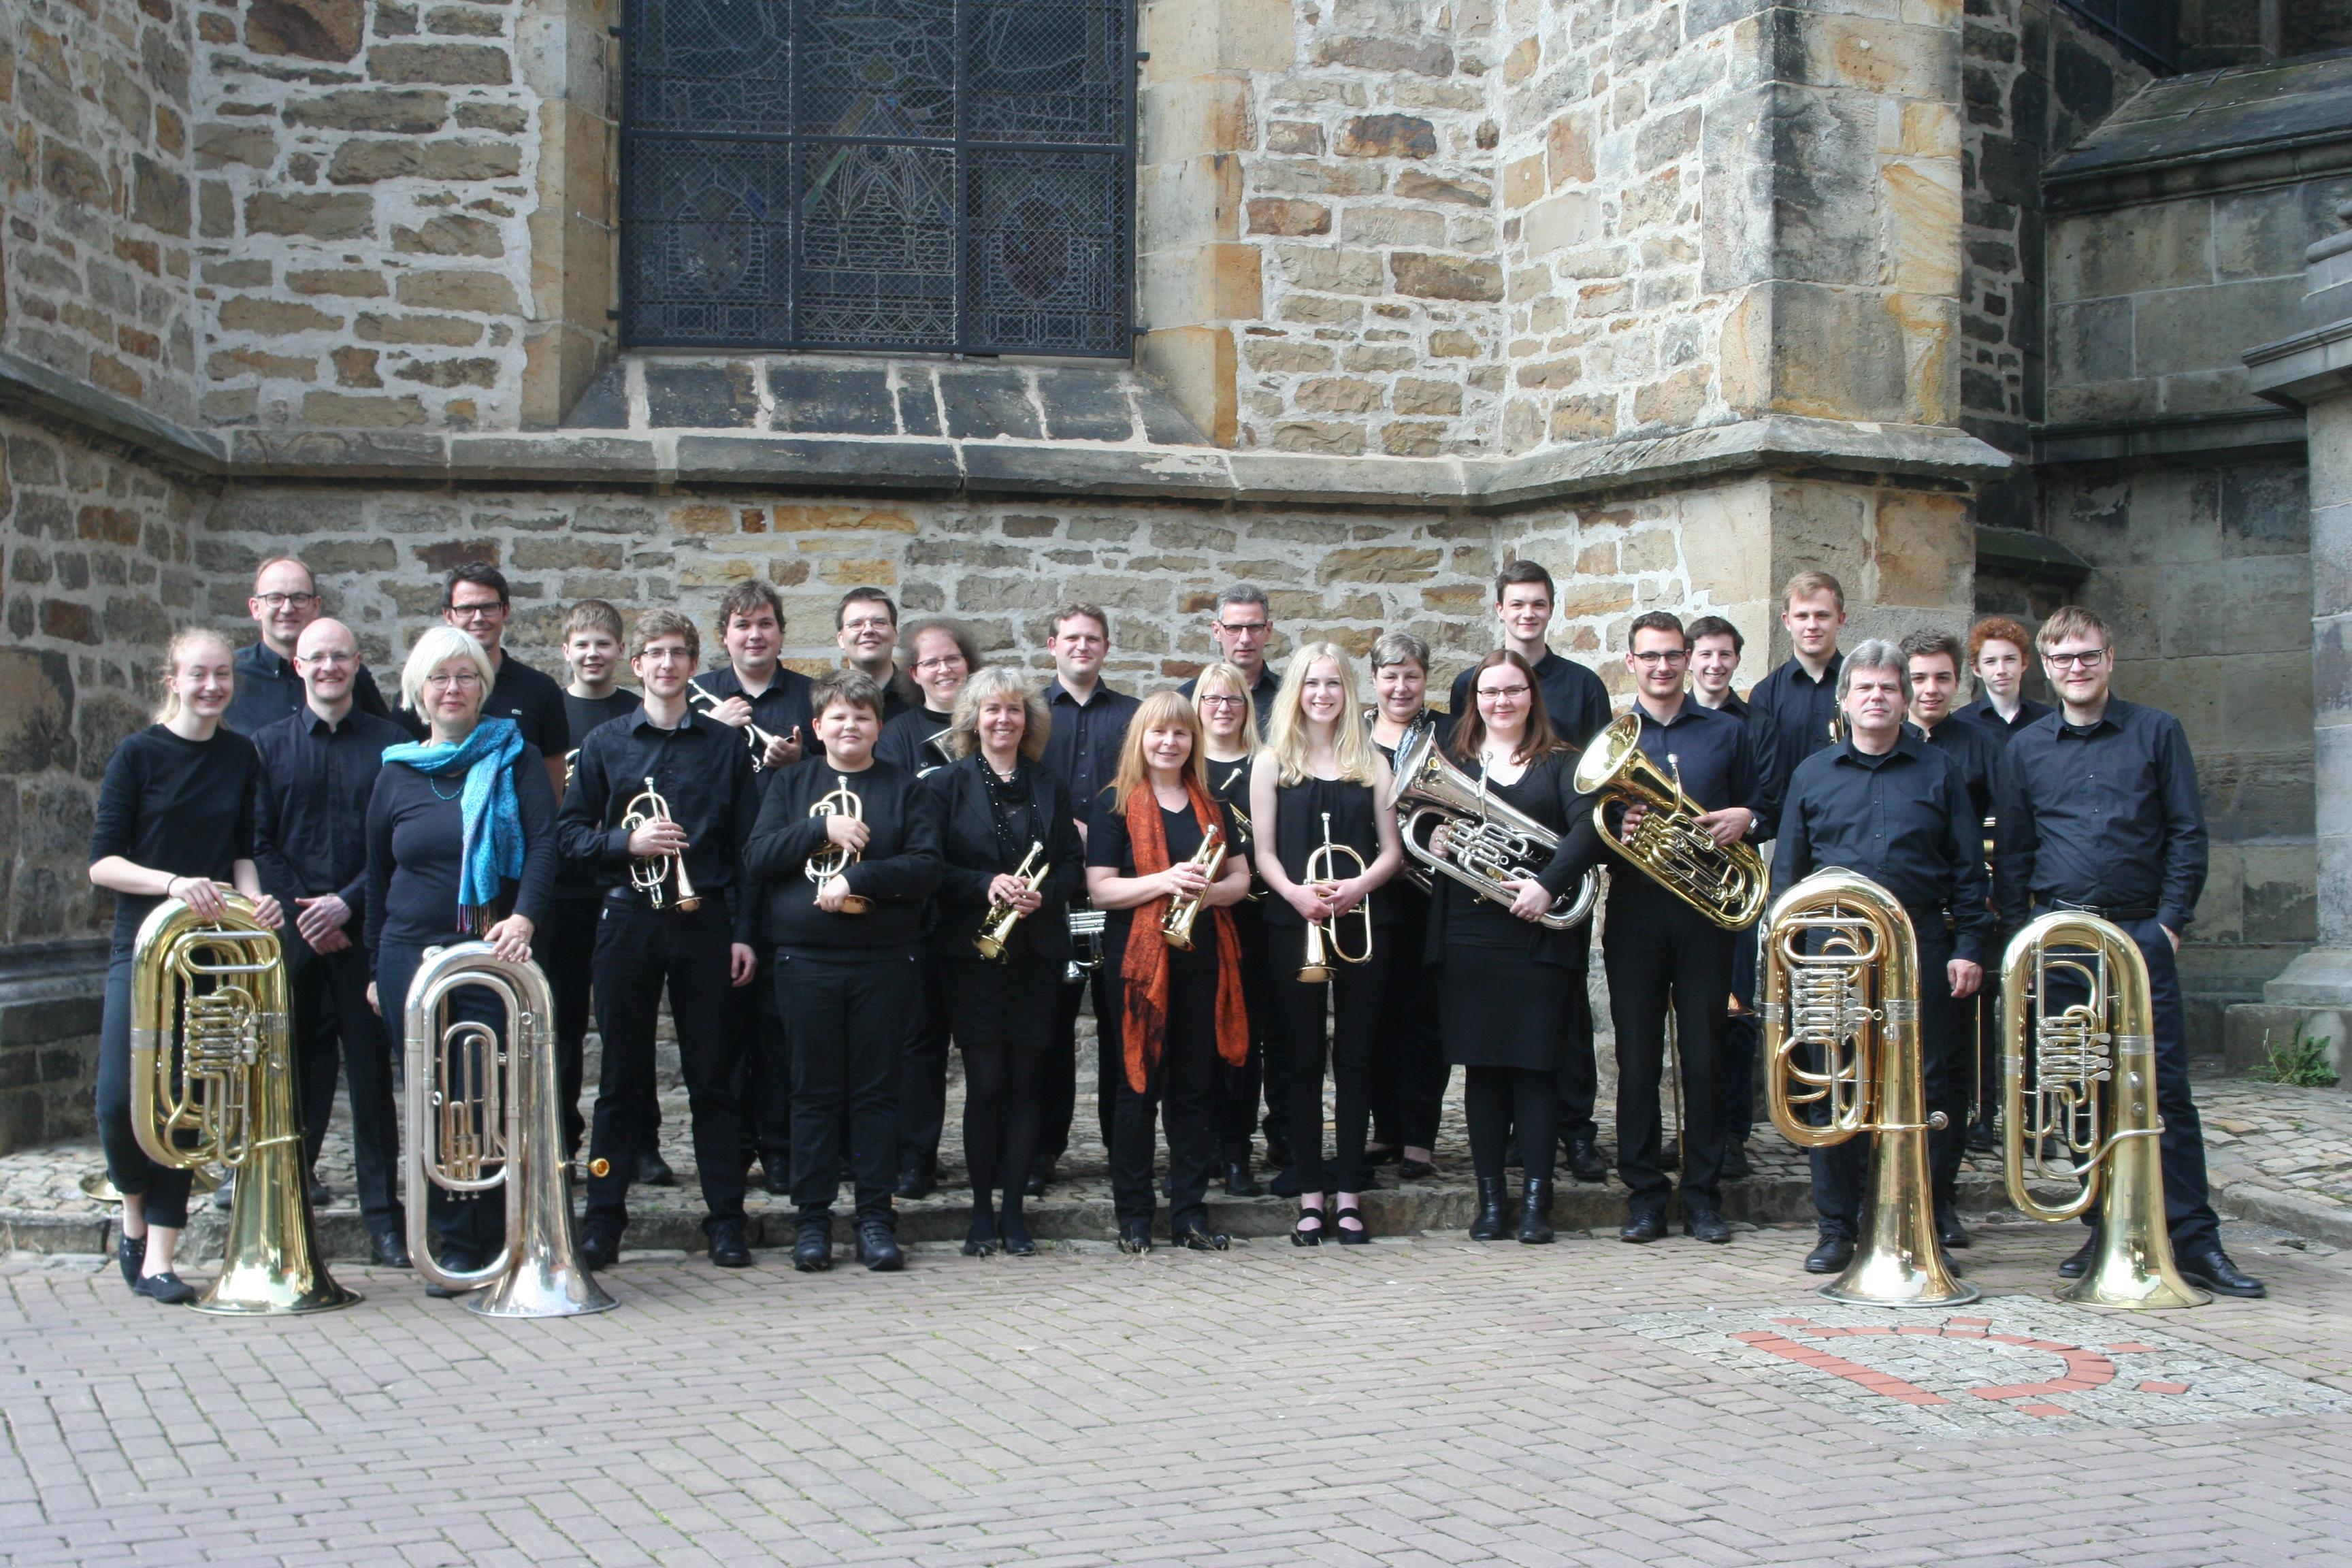 Gruppenfoto der St. Martini Brass Band aus Stadthagen neben der St. Martini Kirche in Stadthagen.